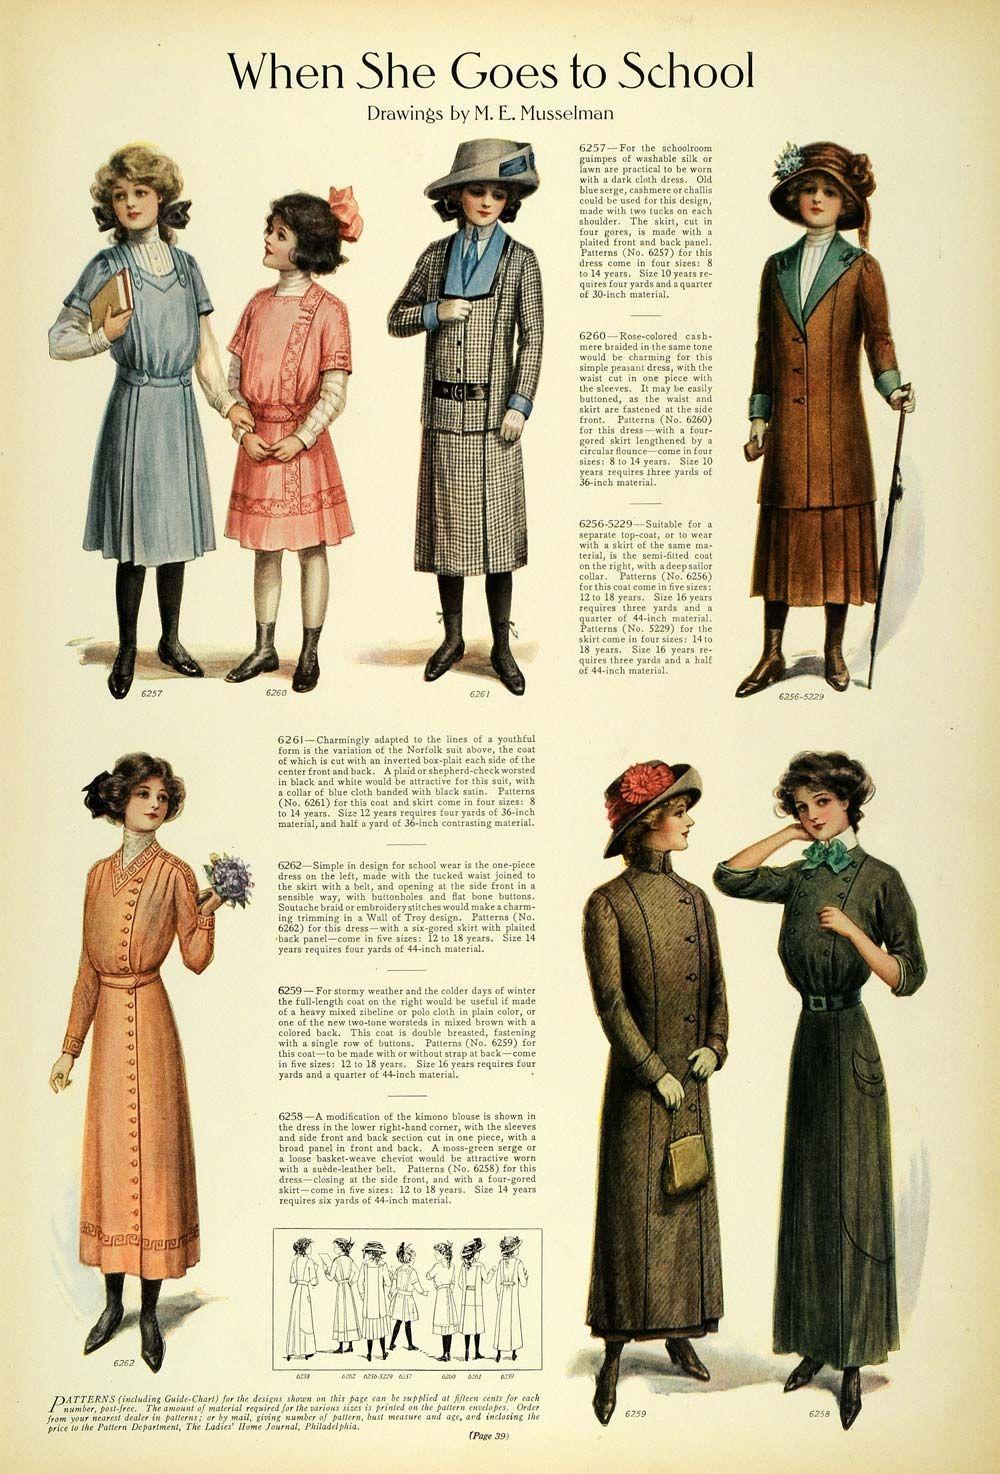 Edwardian schoolgirl clothing, American 1911 | Fashion #2 in